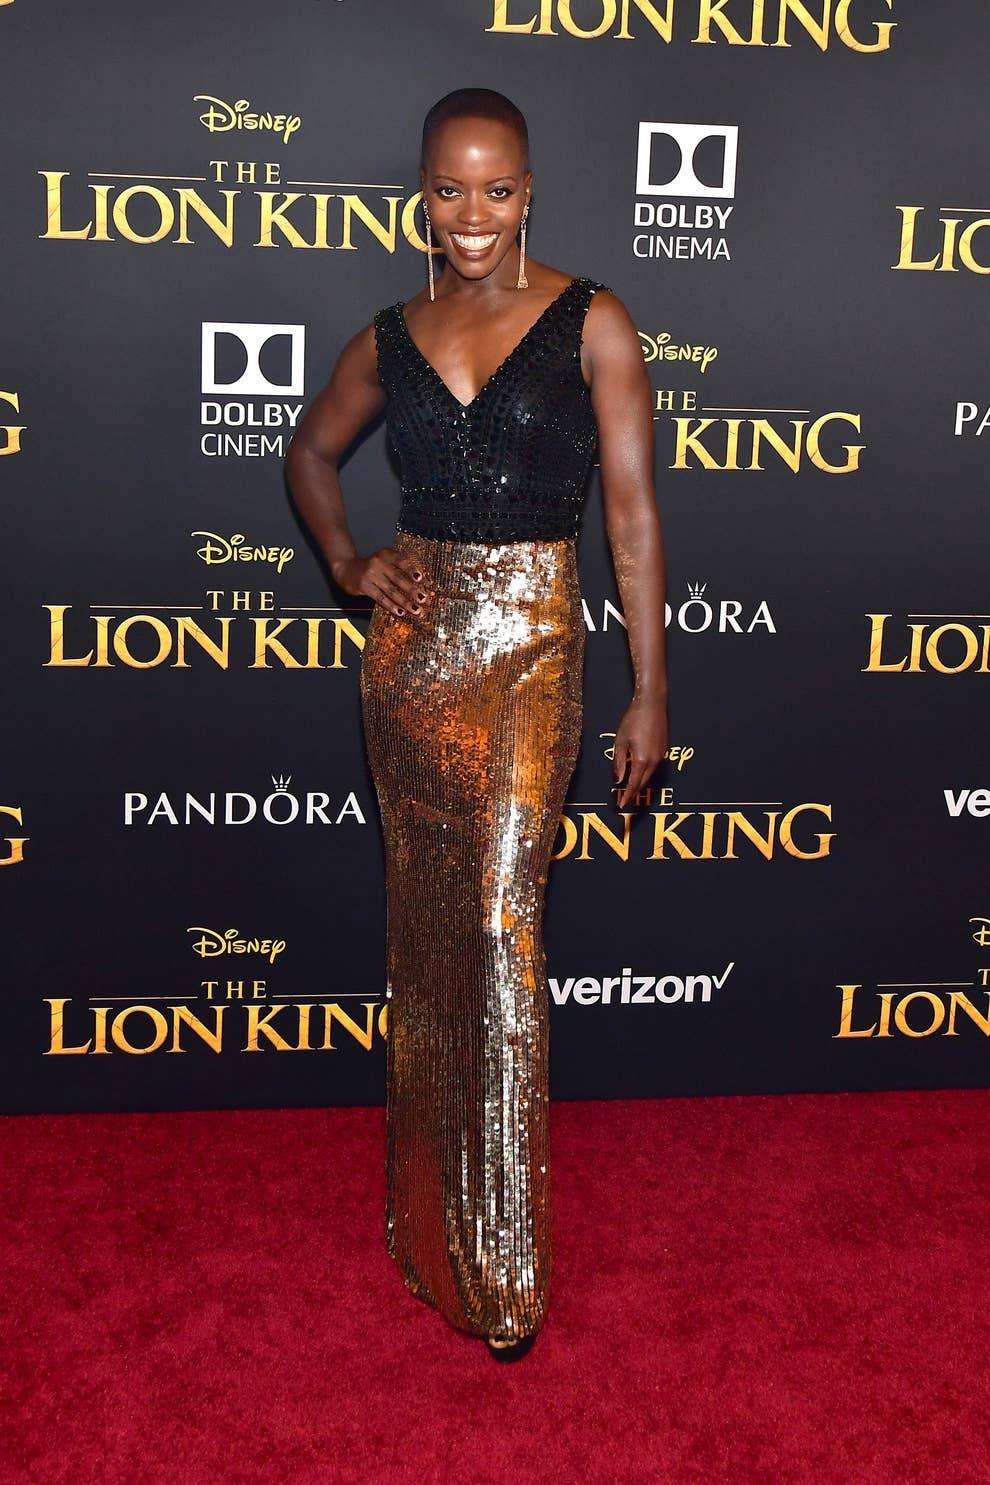 Image result for lion king premiere